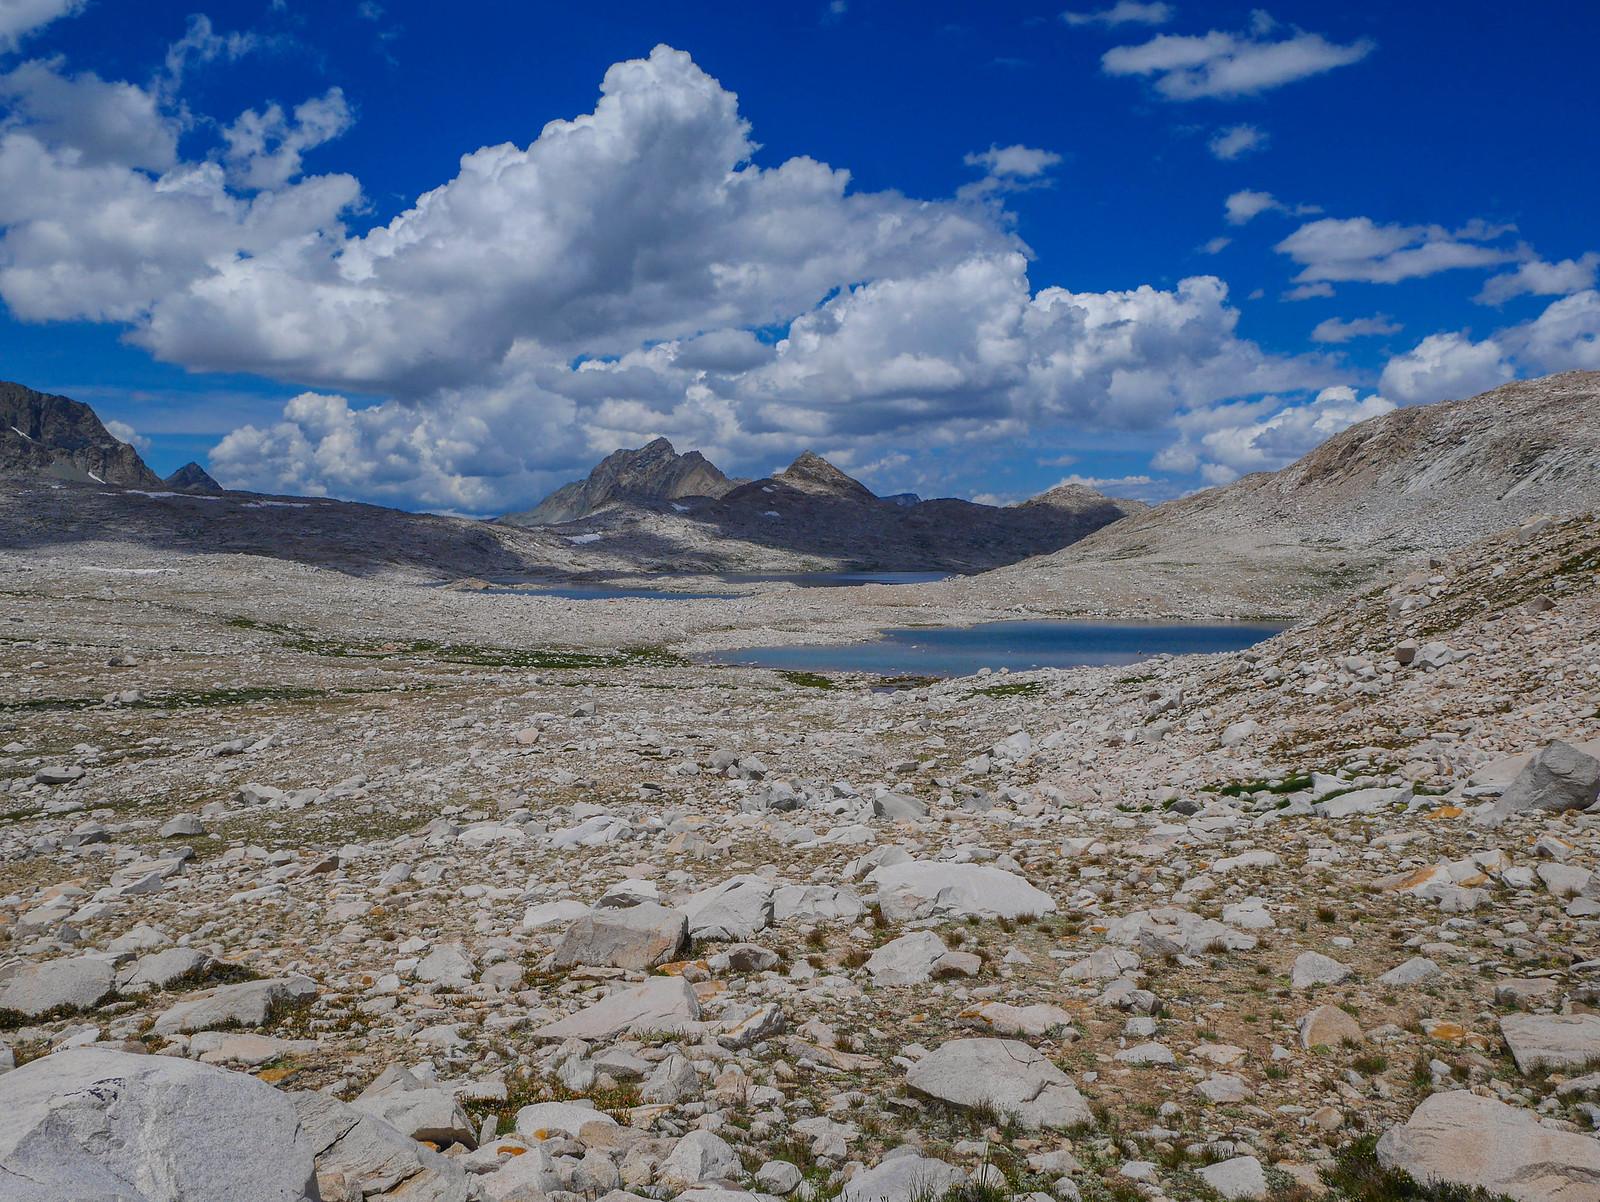 Upper Evolution Valley below Muir Pass